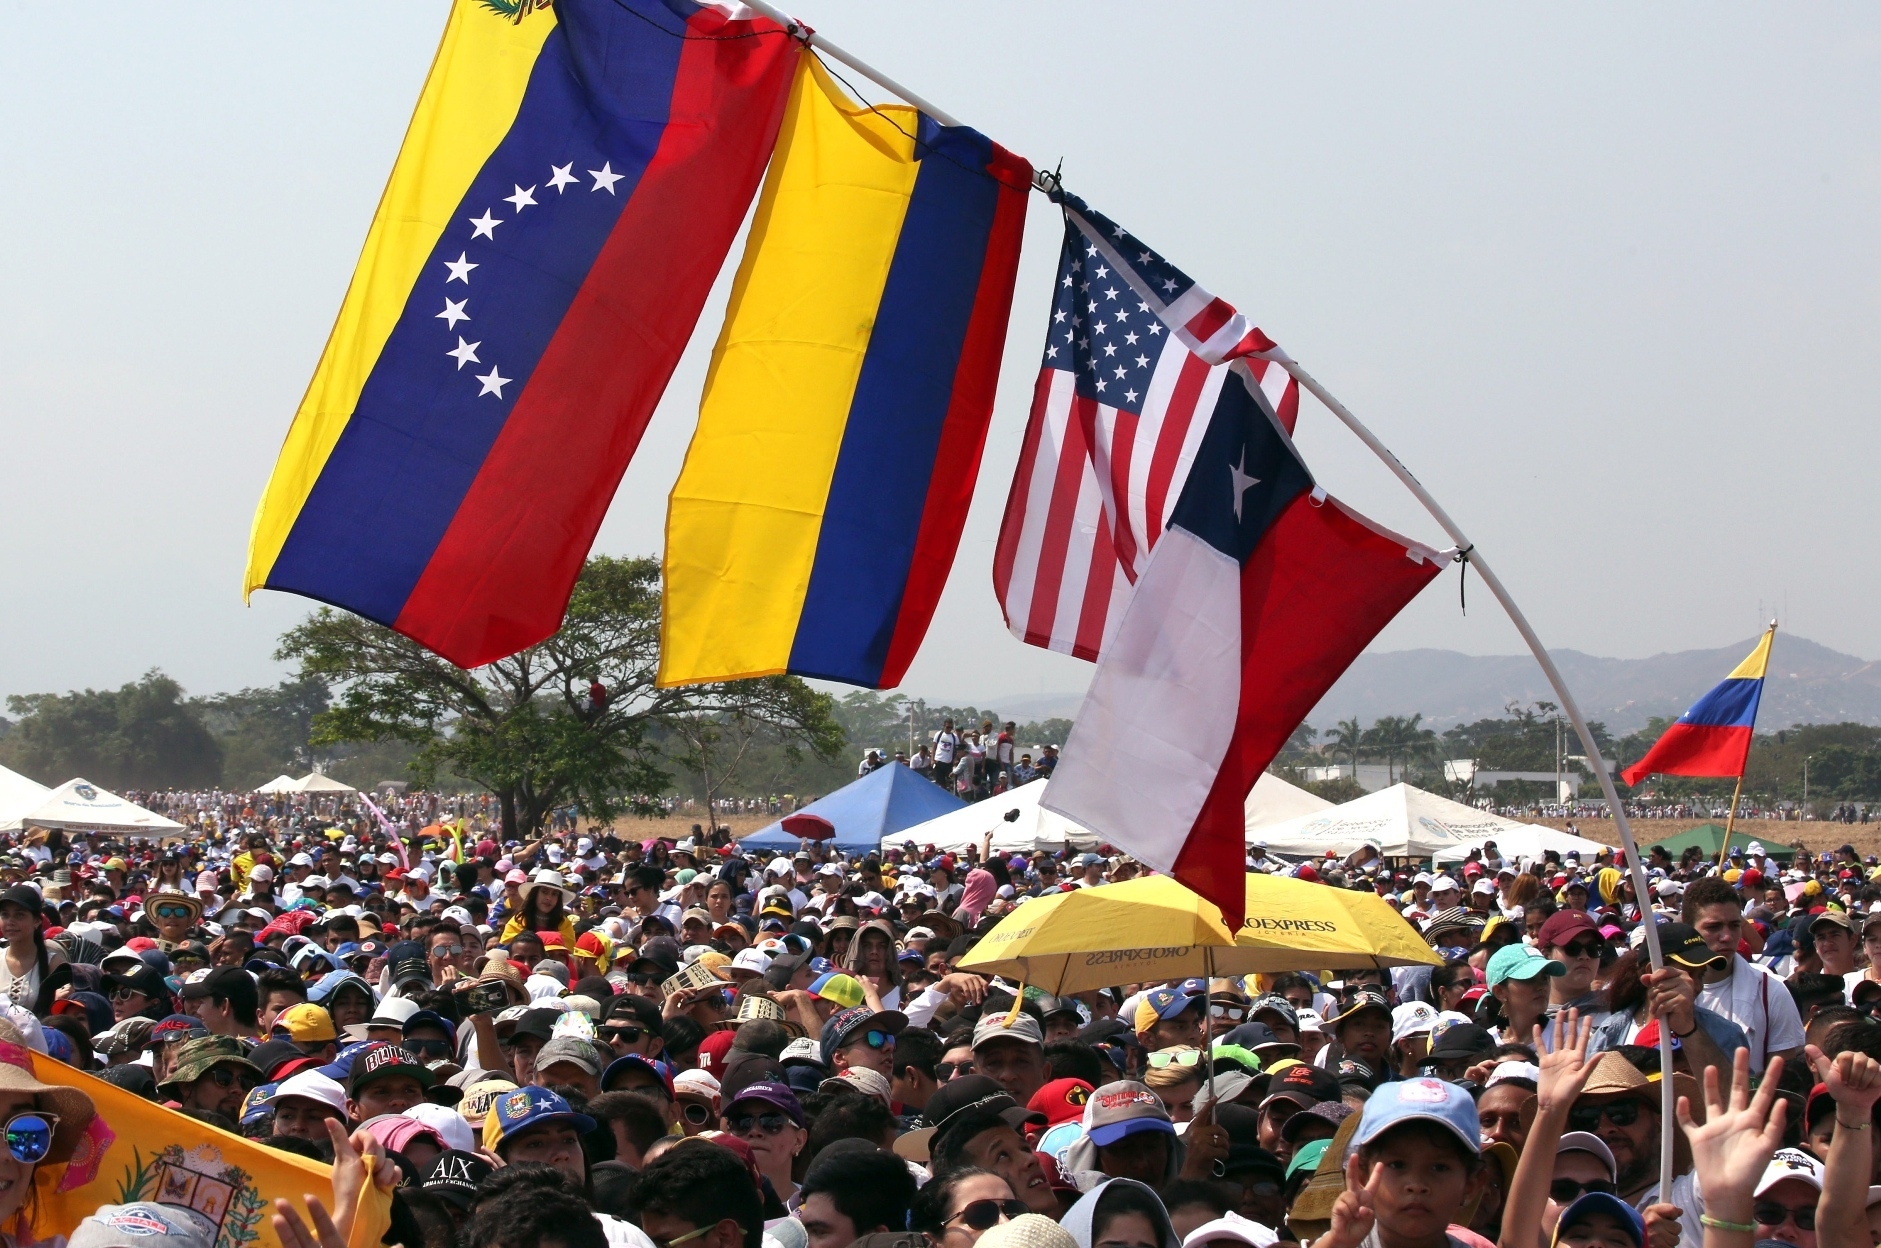 Milhares assistem ao concerto